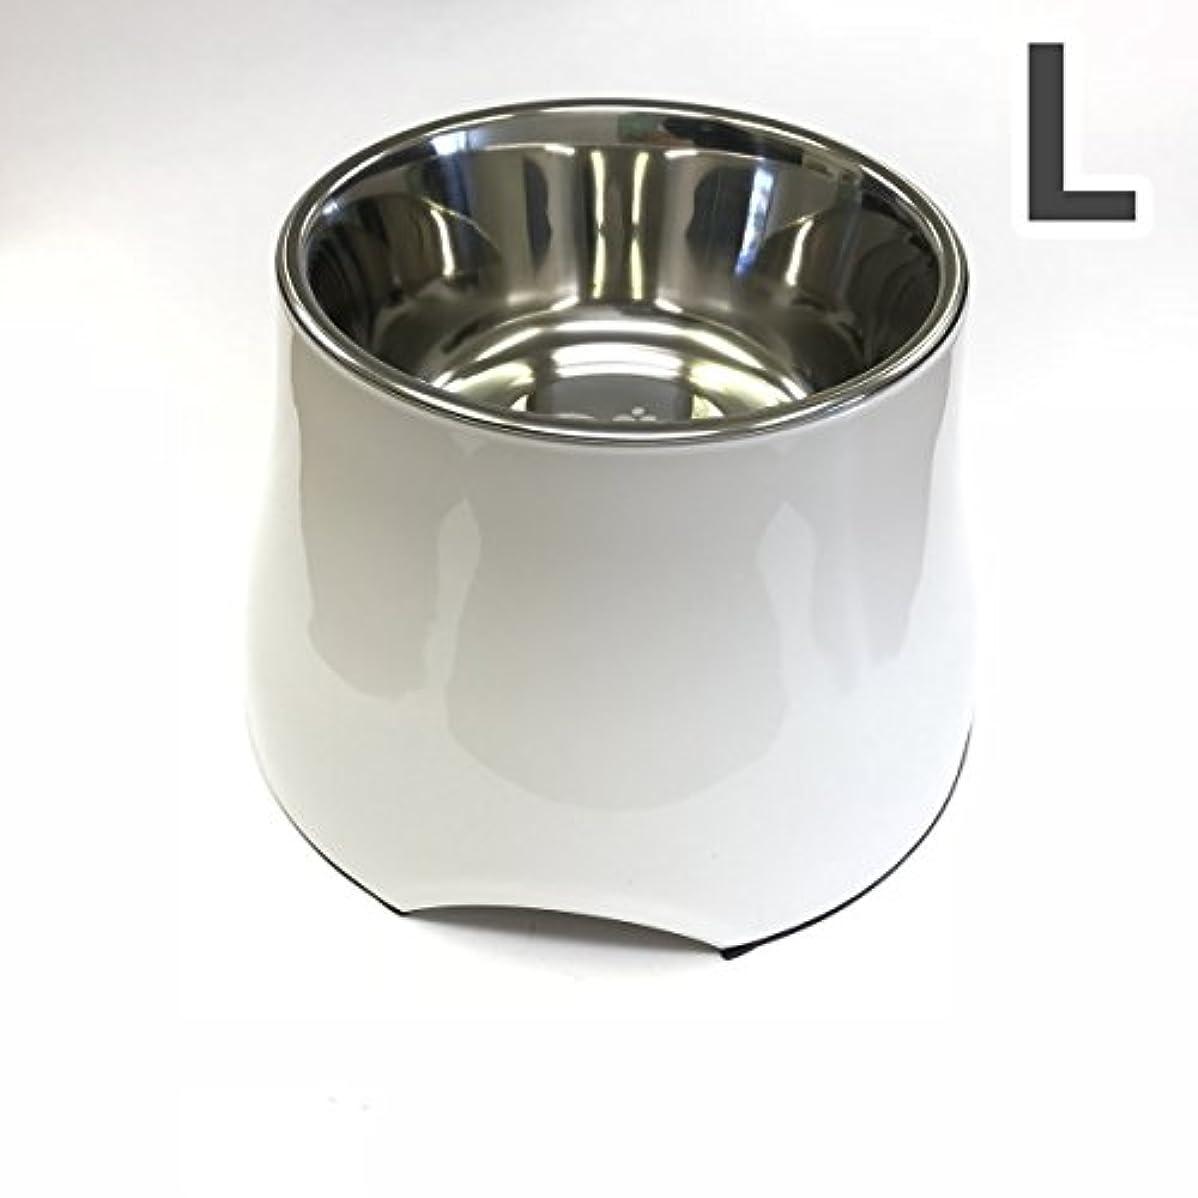 トムキャット [食器]ソリッドカラー ラウンドボウル L ホワイト